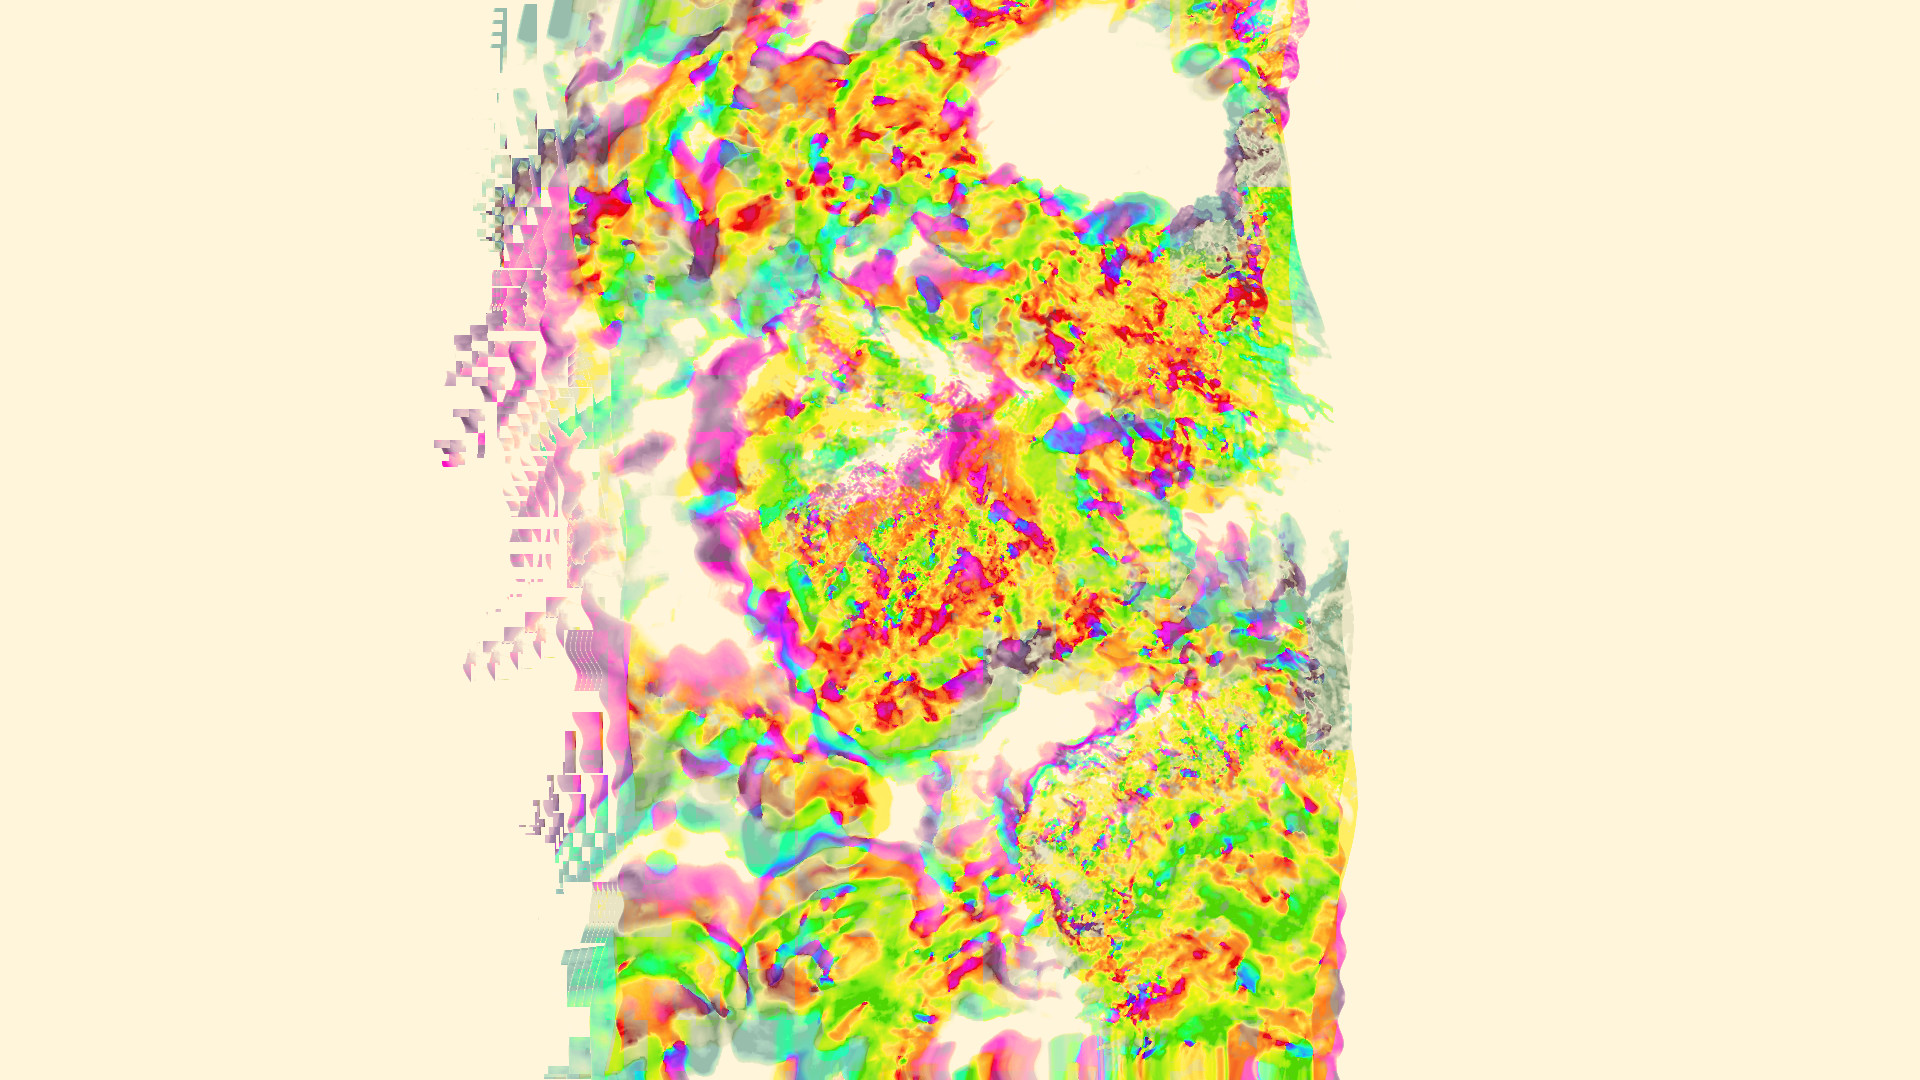 glitch Art, Abstract, LSD Wallpaper HD